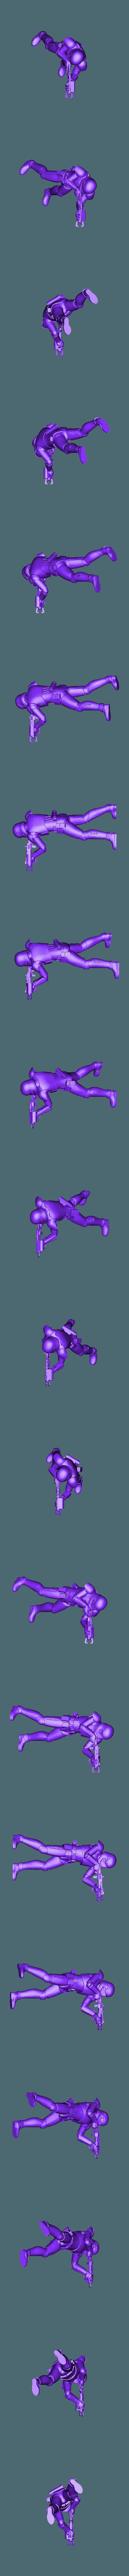 star war 3.stl Télécharger fichier STL gratuit la meute de la guerre des étoiles • Design pour imprimante 3D, thecriws